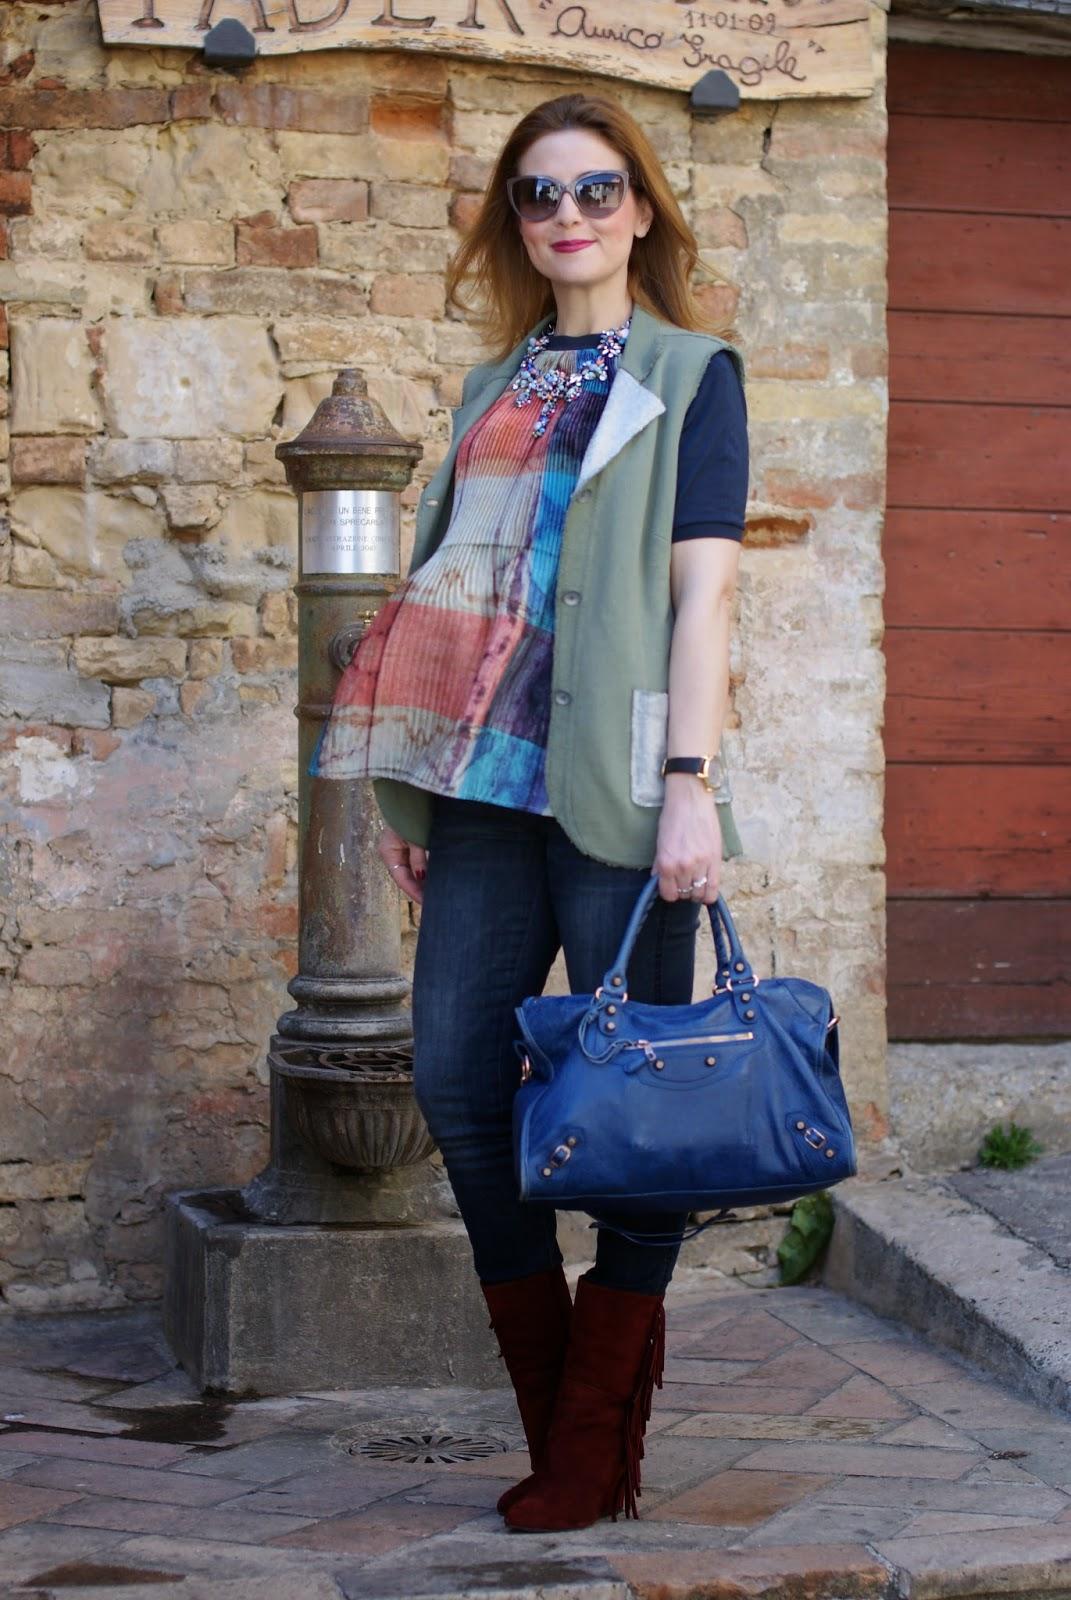 Zara statement necklace, Gaia d'este boots, Praio sleeveless jacket, Millelire orologio, Balenciaga City, Fashion and Cookies, fashion blogger